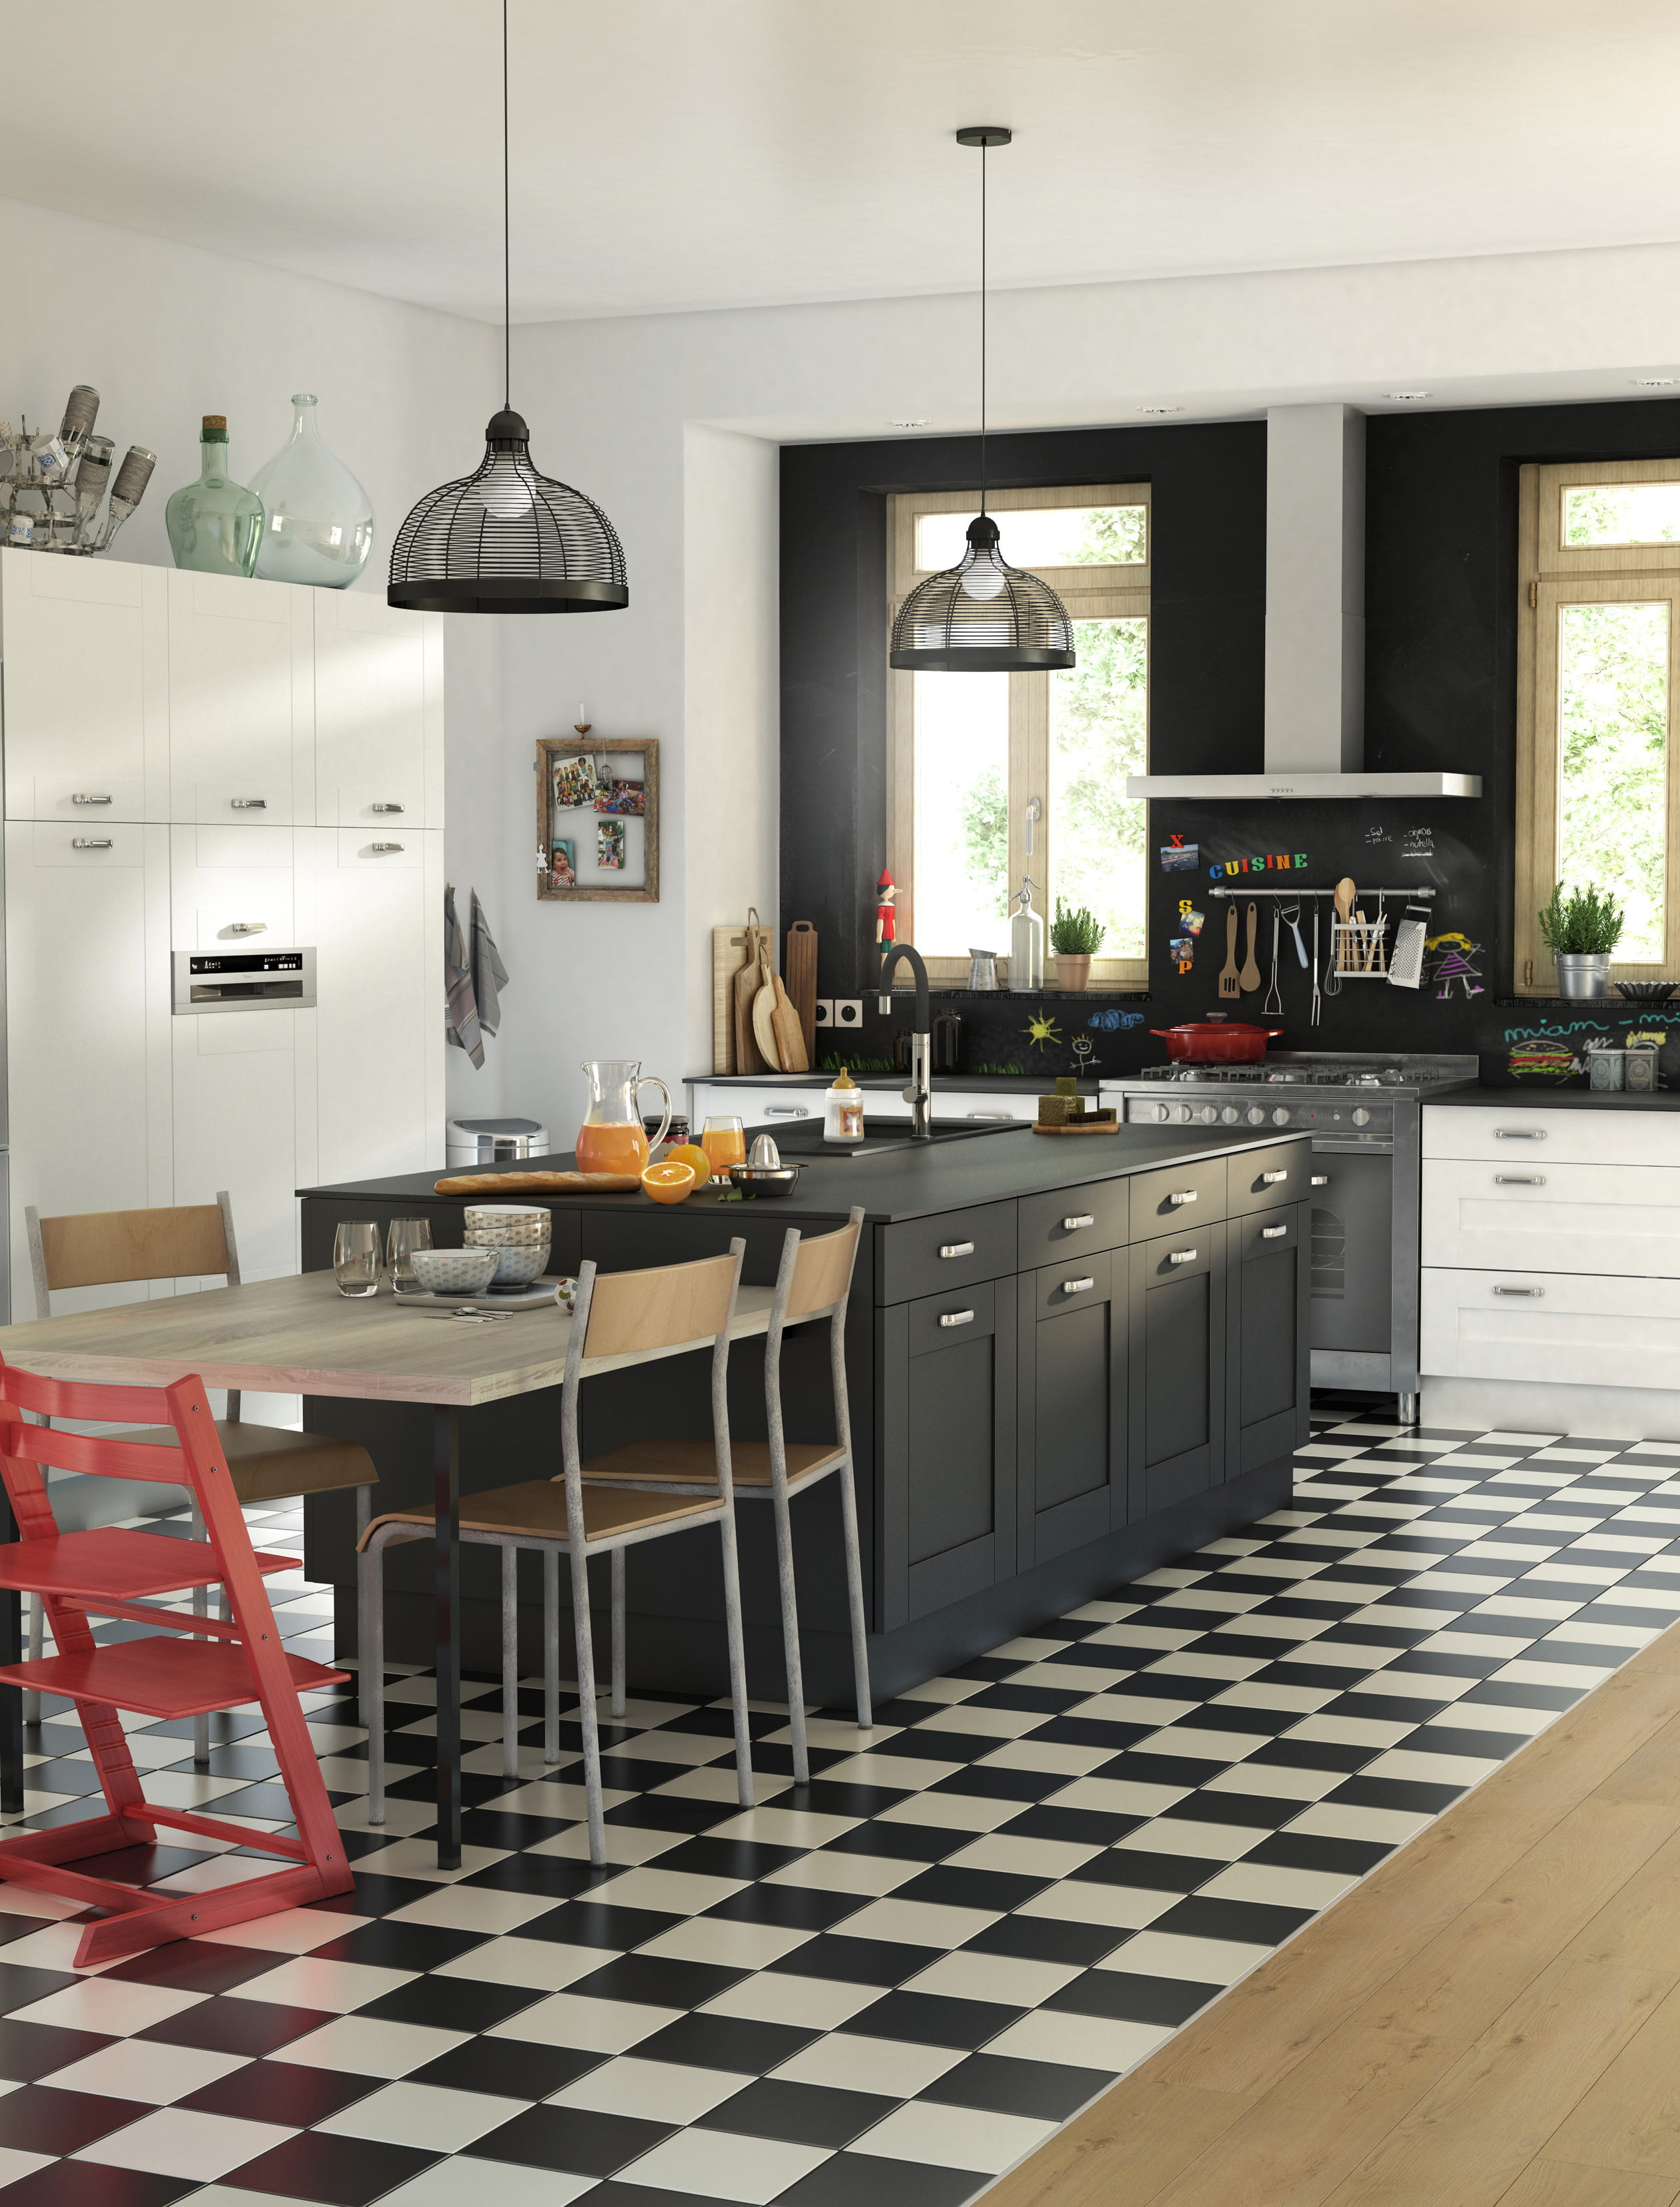 Chambre Bebe Winnie L Ourson Aubert : Cuisine laxarby noir ikea metod  fà rvara meuble pour micro combi